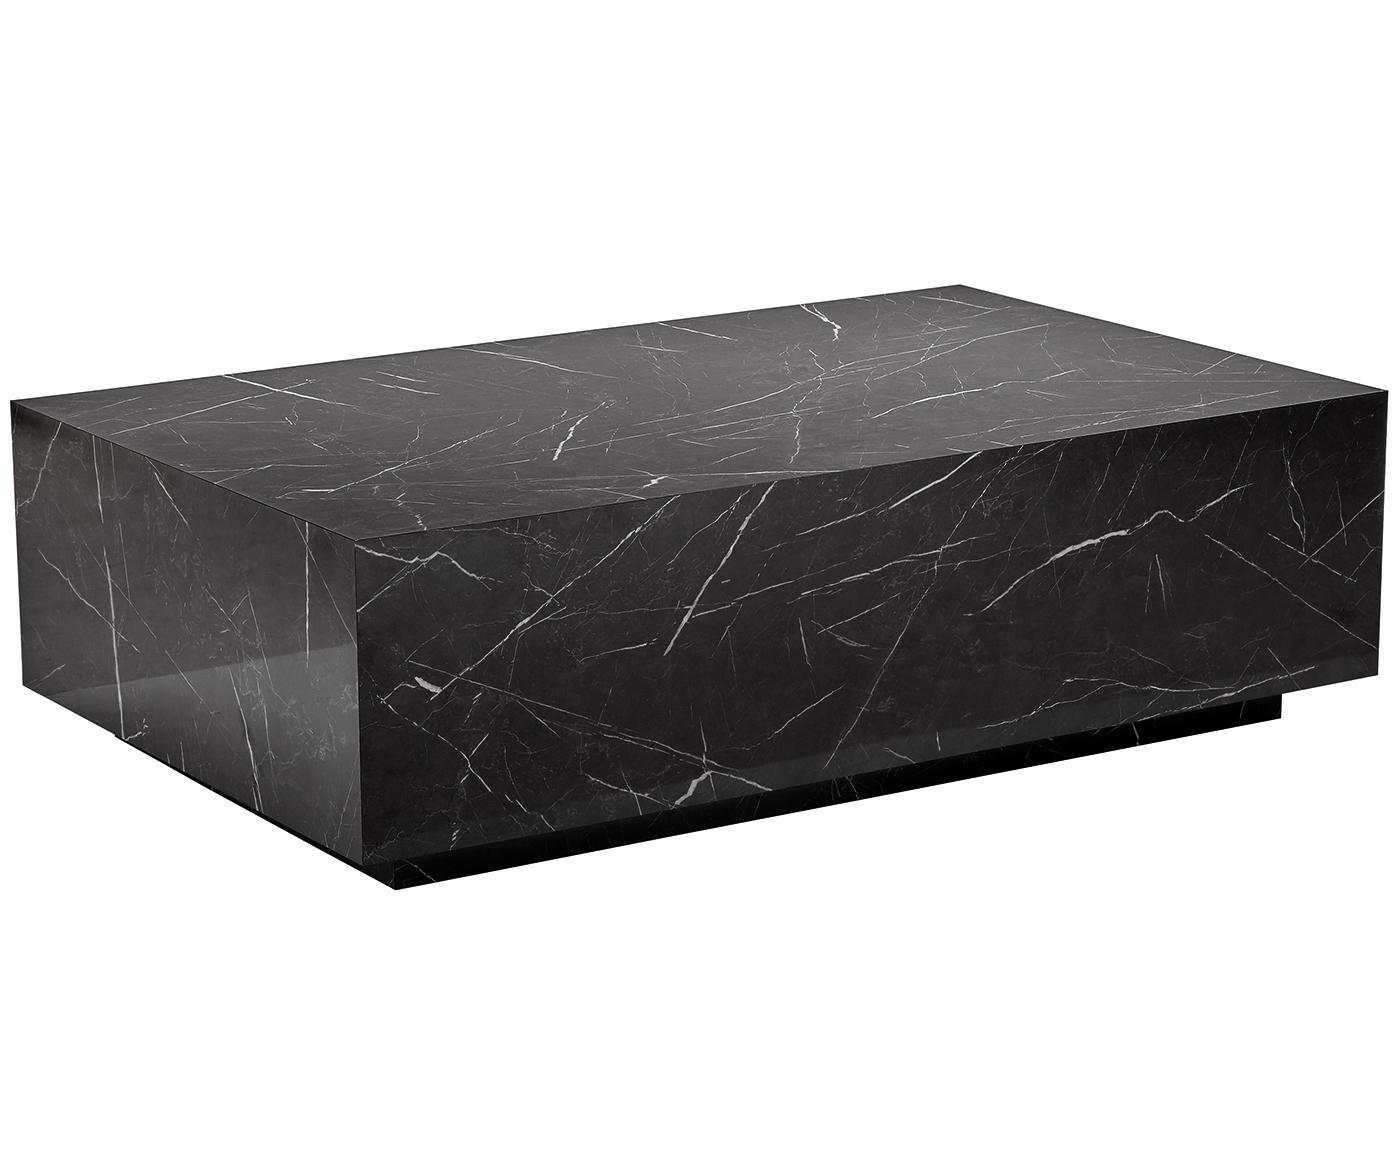 Schwebender Couchtisch Lesley in Marmoroptik, Mitteldichte Holzfaserplatte (MDF), mit Melaminfolie überzogen, Schwarz, marmoriert, glänzend, B 120 x T 75 cm